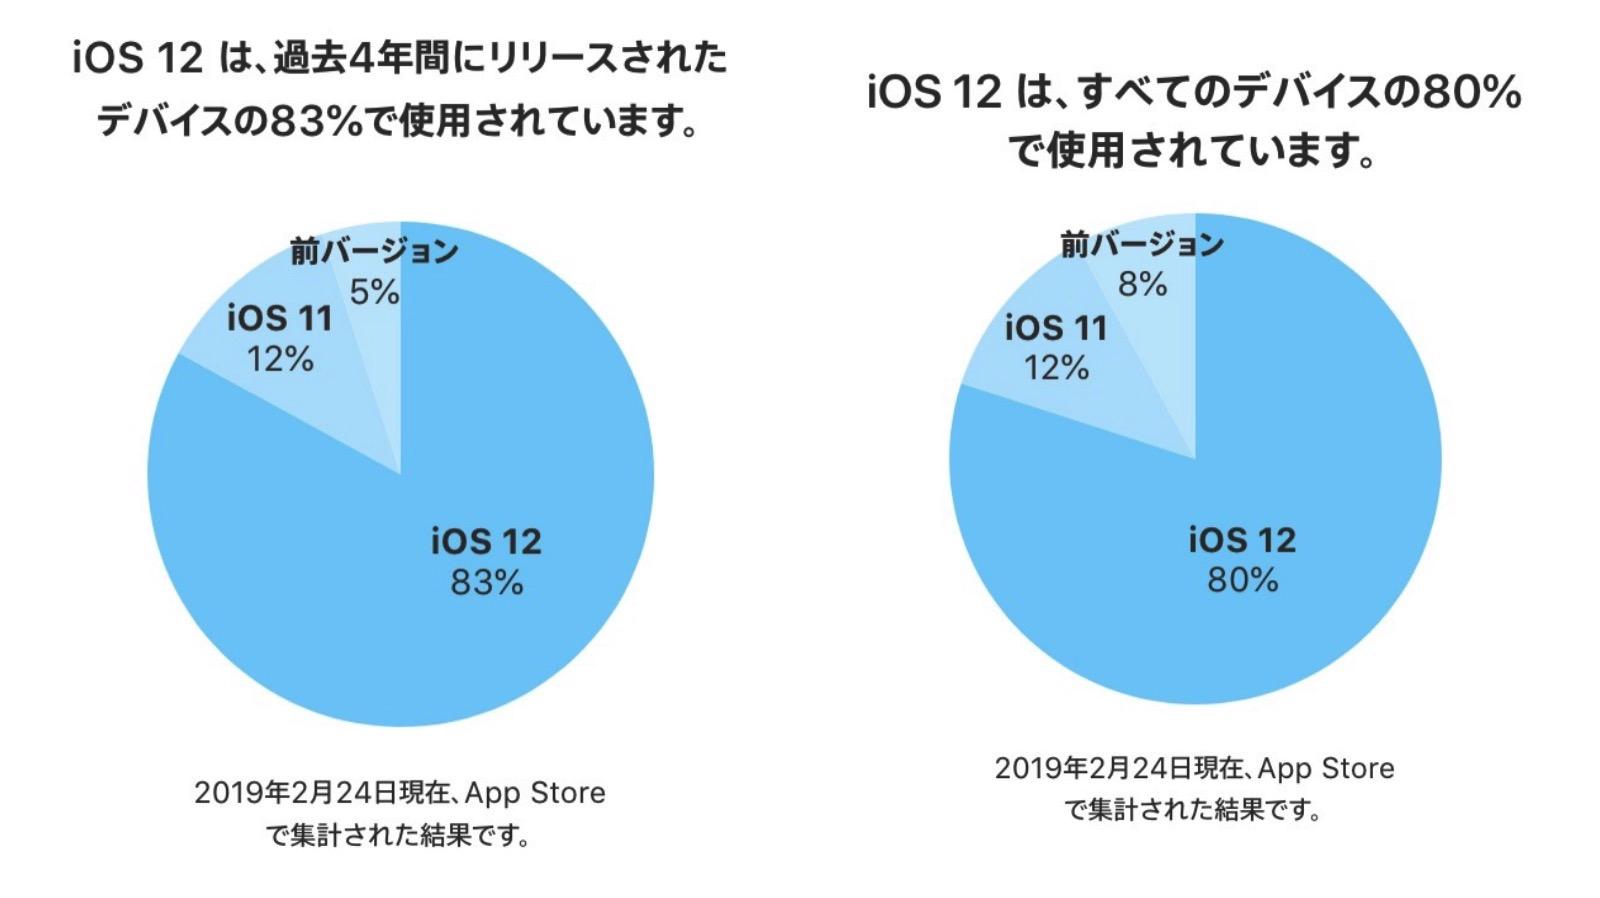 IOS12 Share